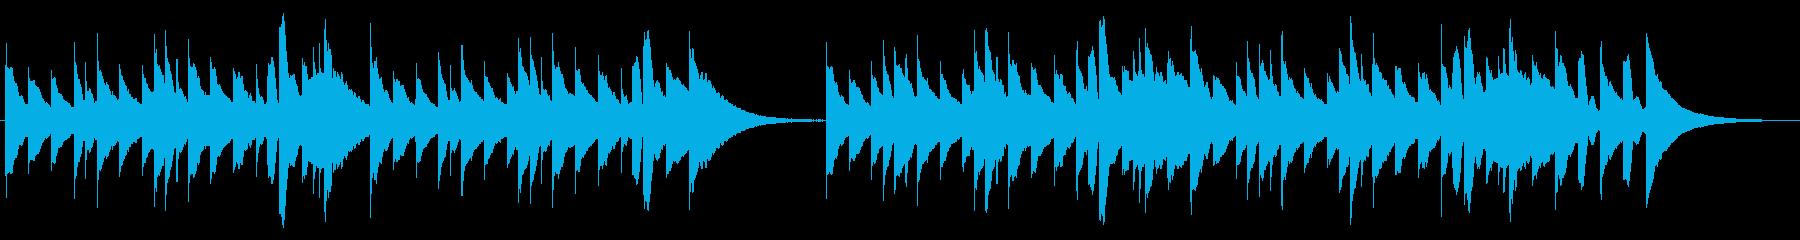 寂しげなメロディーを奏でるオルゴールの再生済みの波形